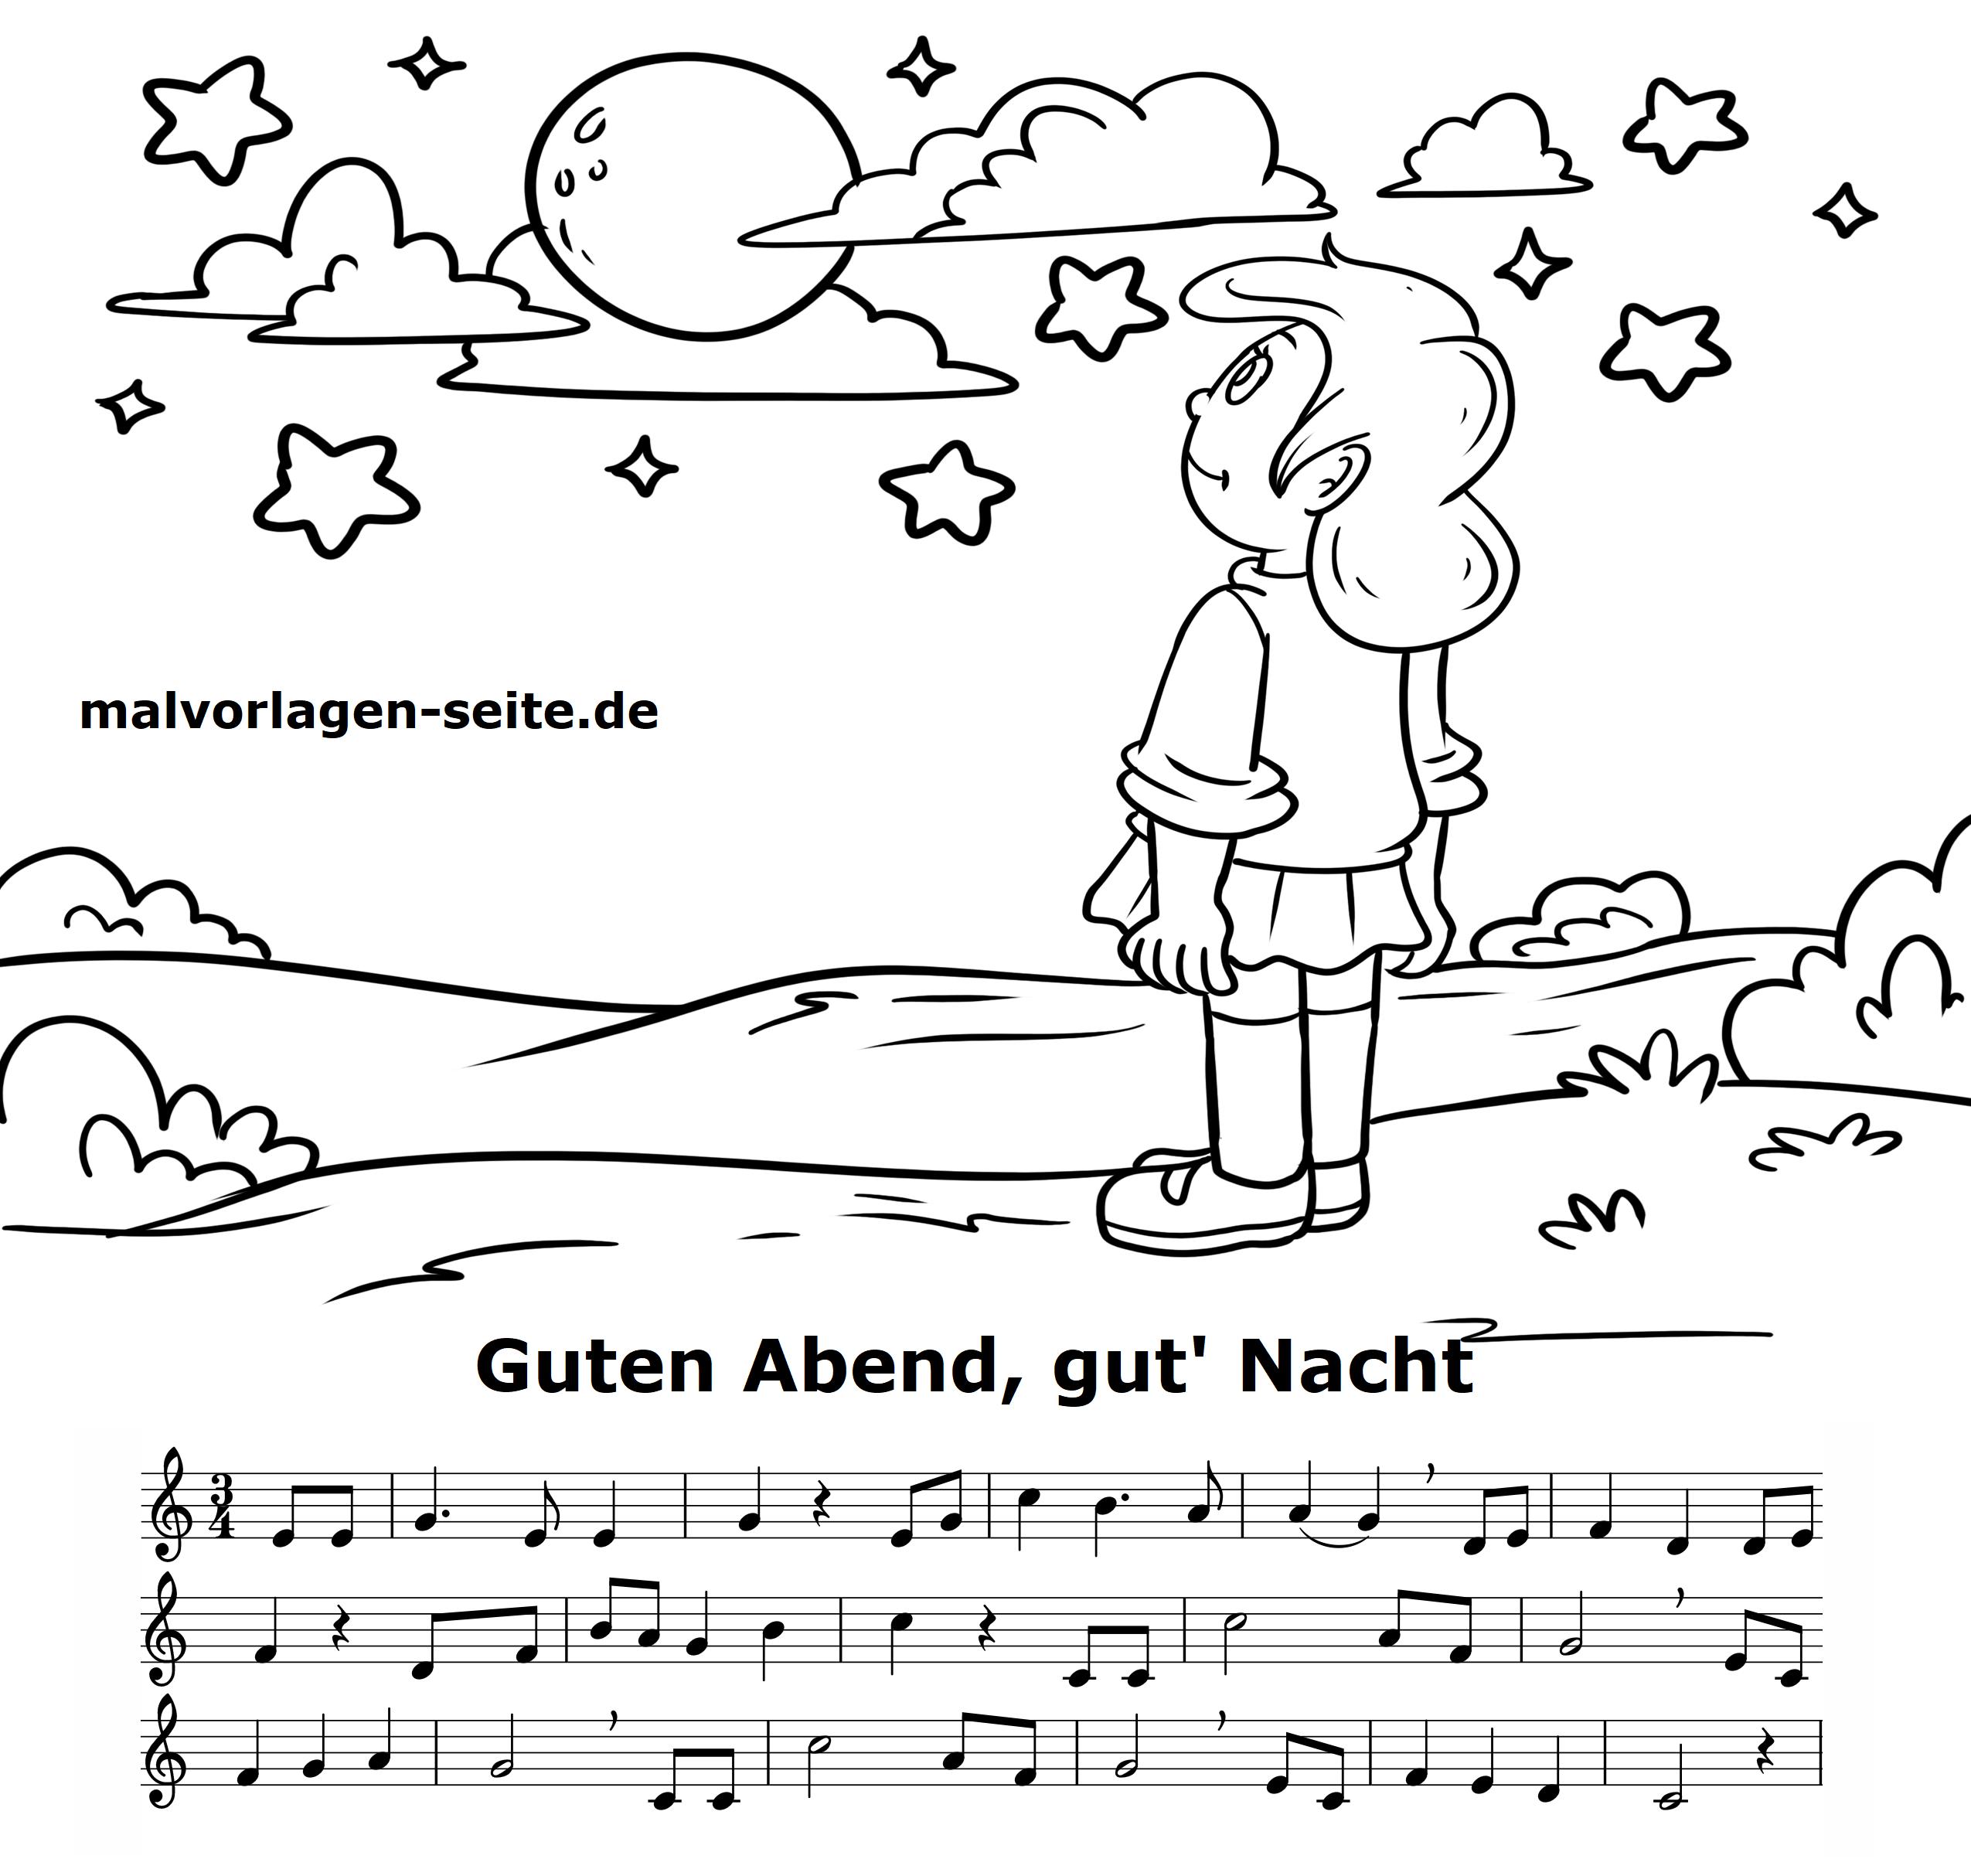 Guten Abend Gut Nacht Noten Und Text Vom Kinderlied Zum